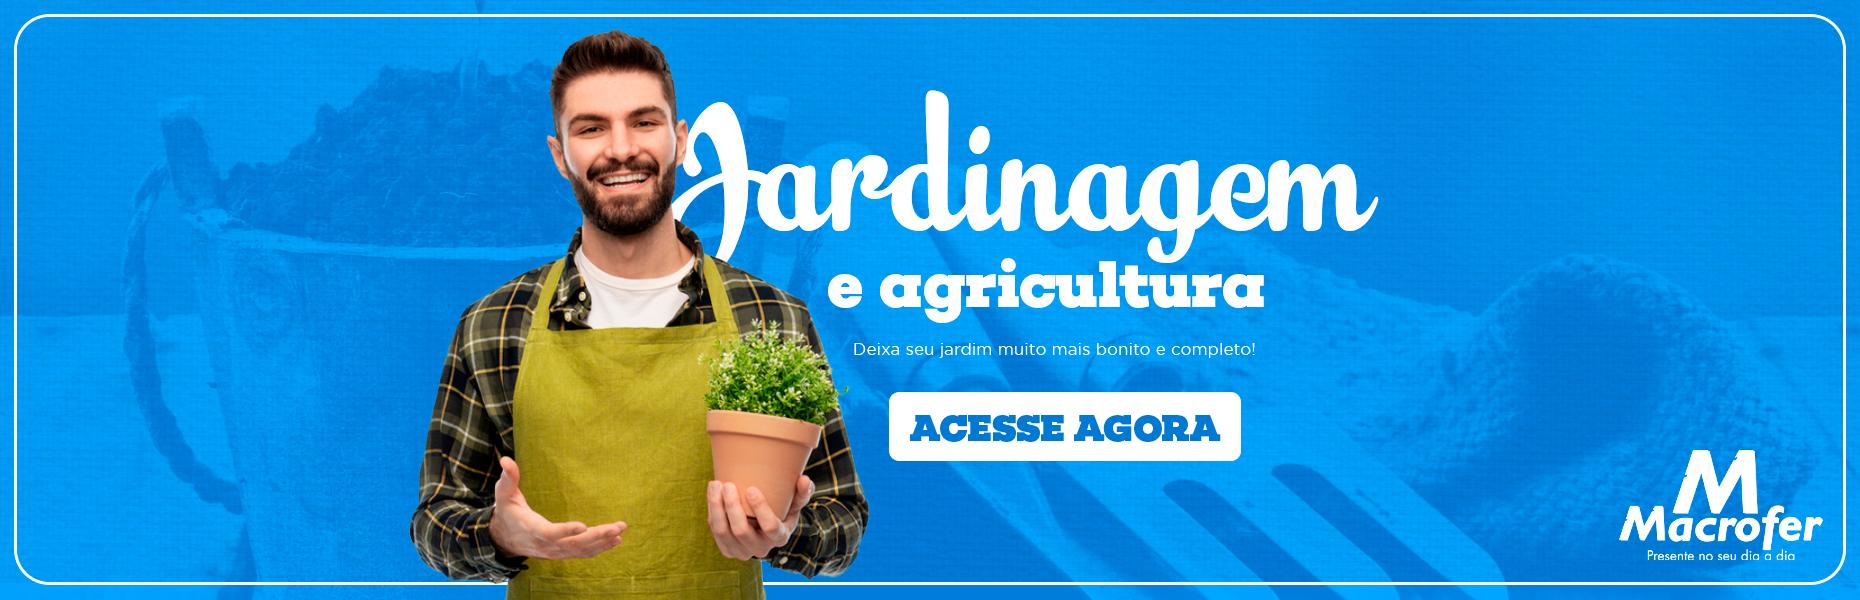 Agro e Jardim